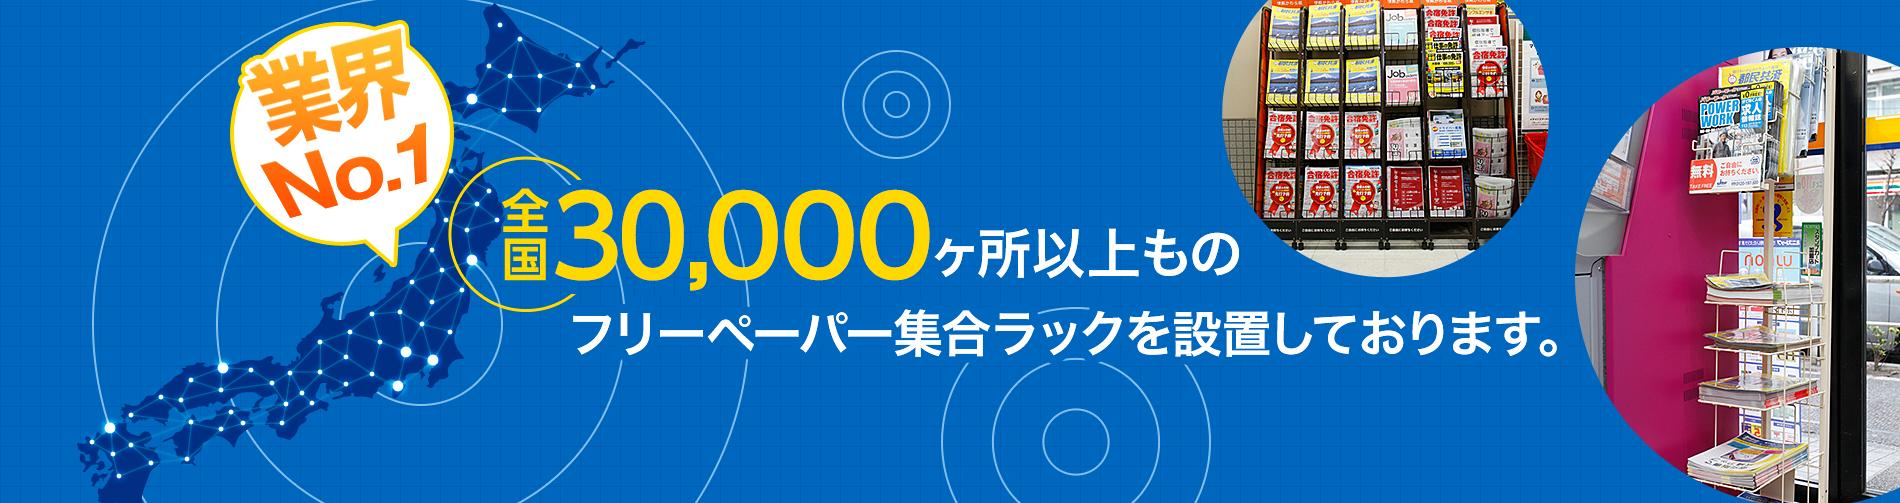 全国16000ヶ所以上ものフリーペーパー集合ラックを設置しております。